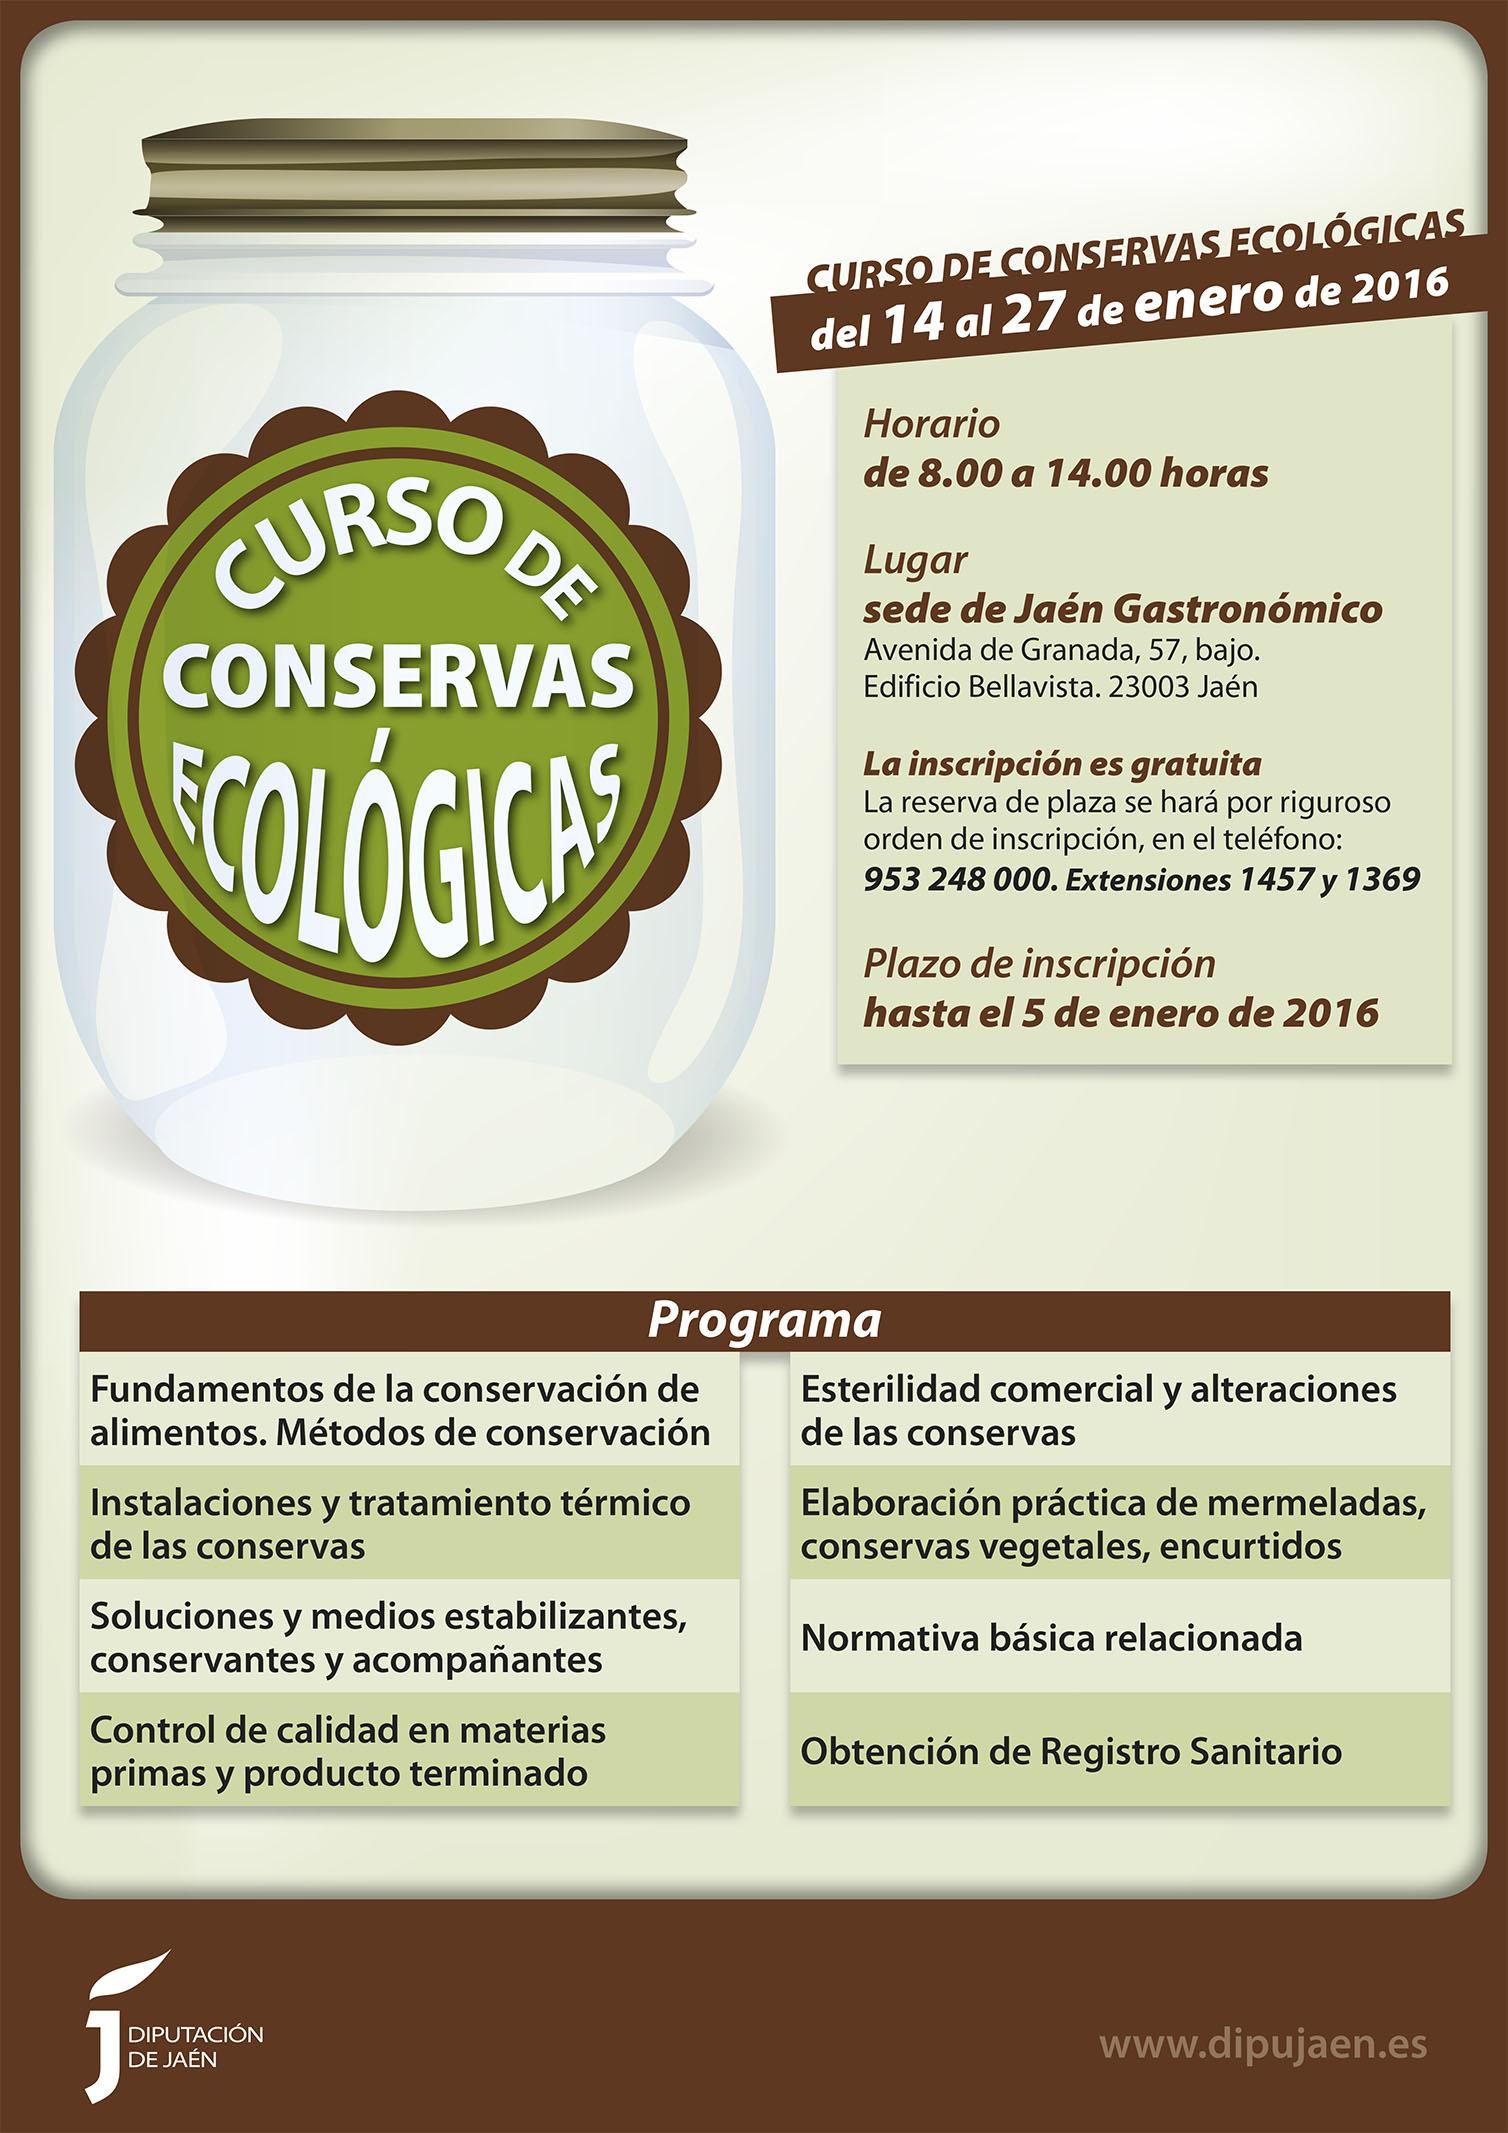 curso conservas ecologicas - cartel-BR